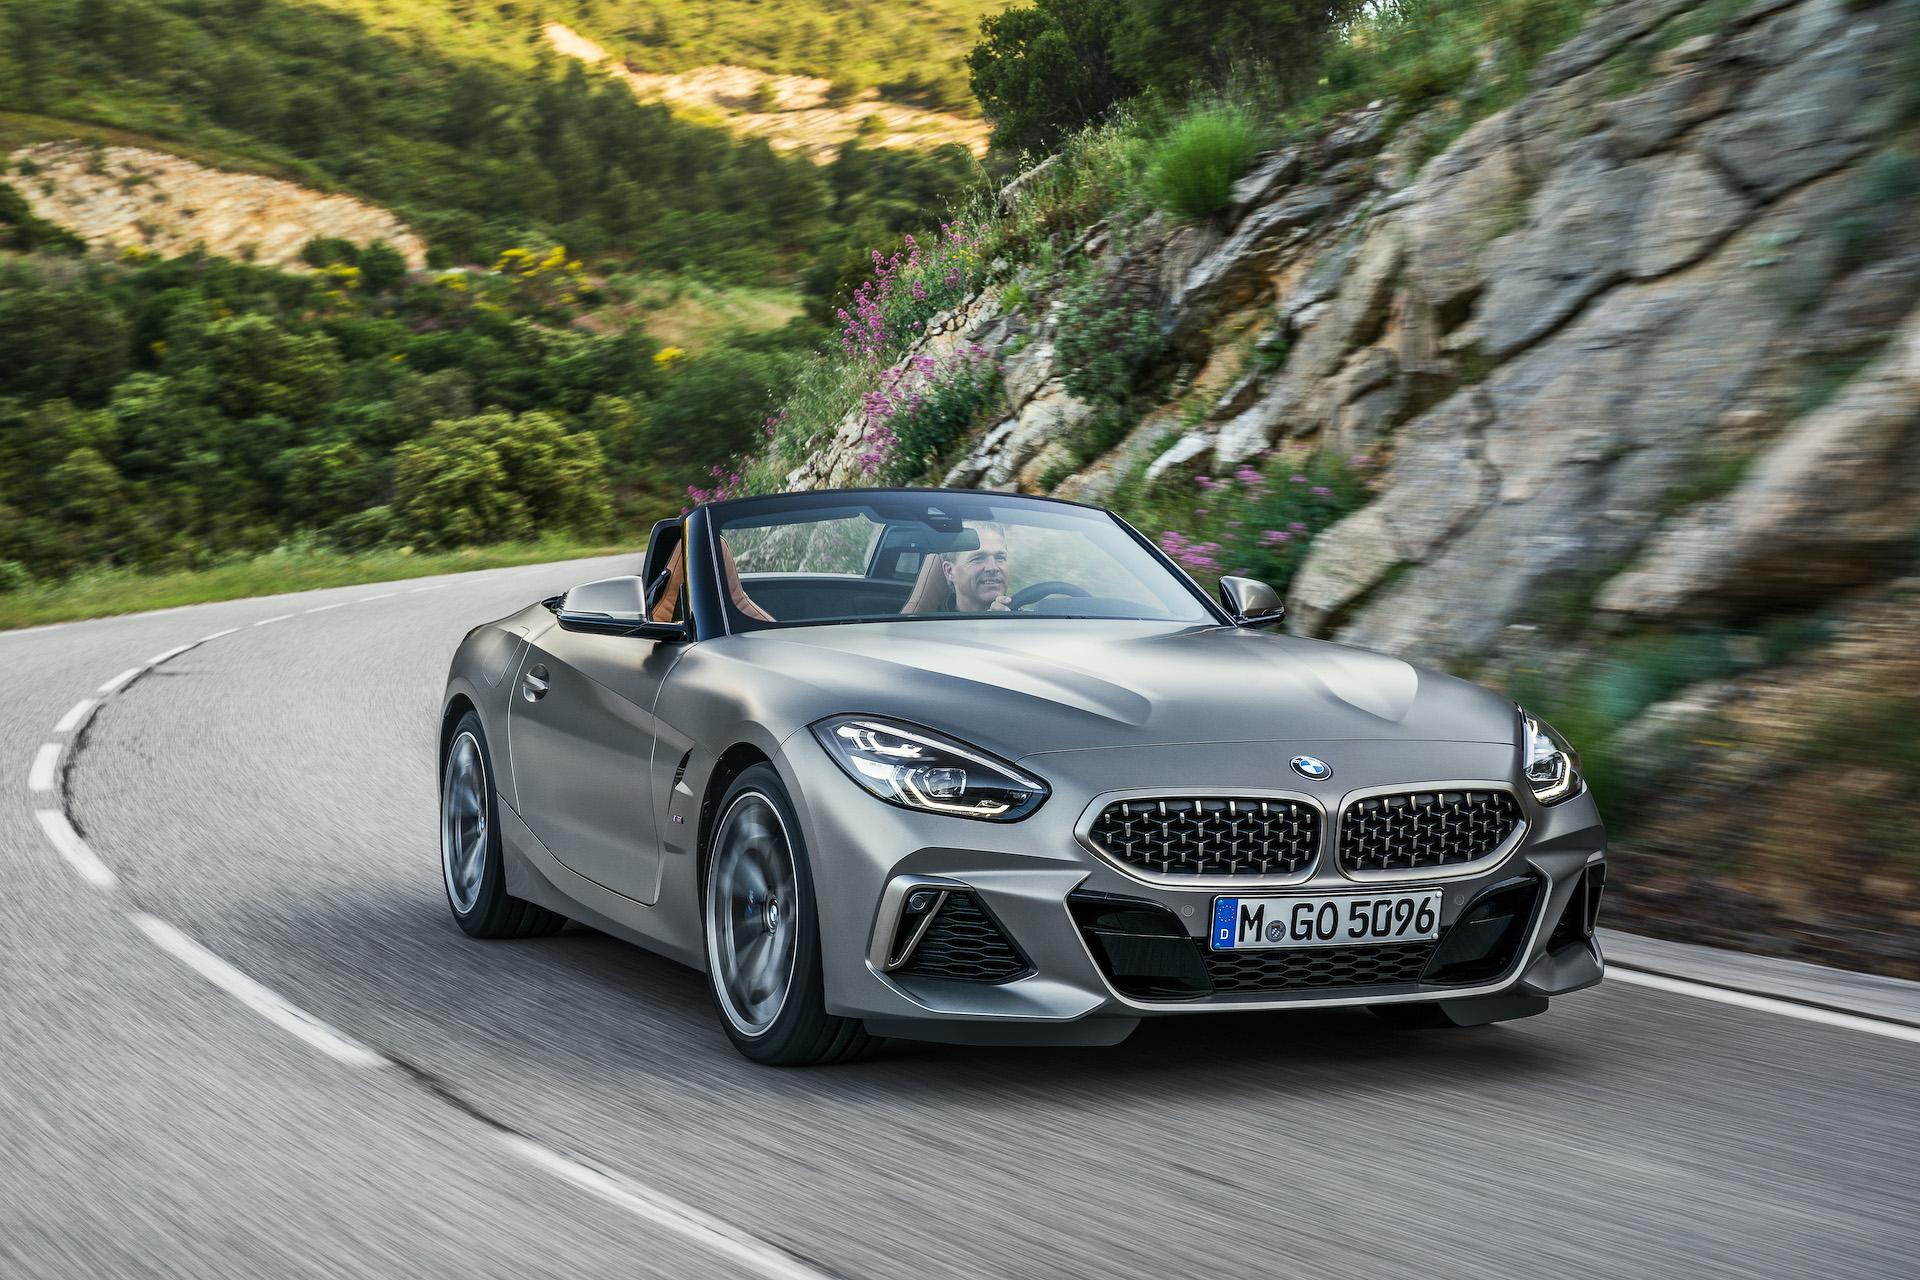 Bmw、マットグレーに仕上げた新型「z4」の30台限定車「m40i フローズン・グレー」 Car Watch